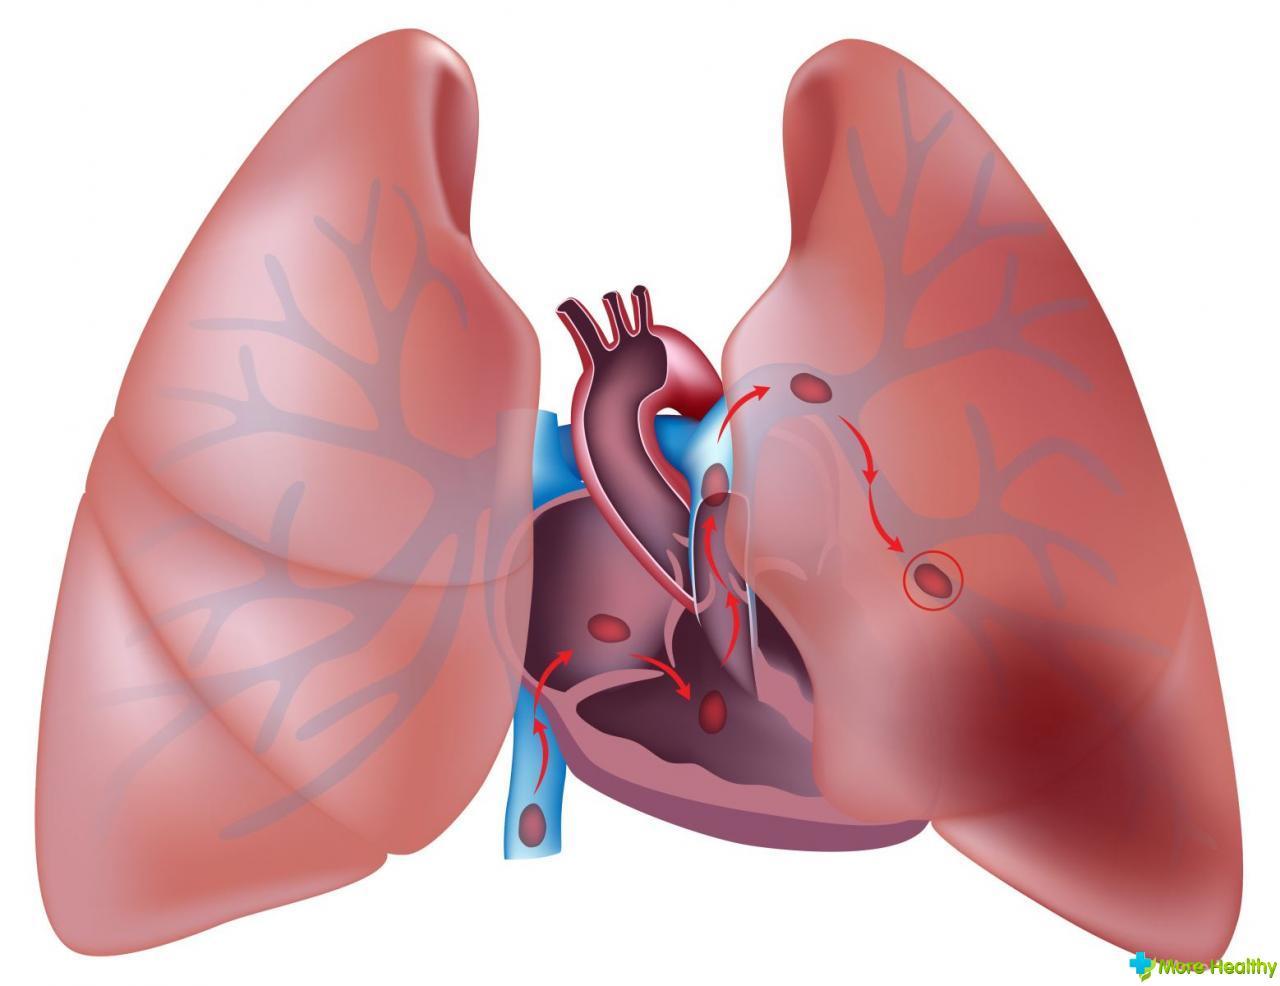 высокий холестерин в крови что делать отзывы